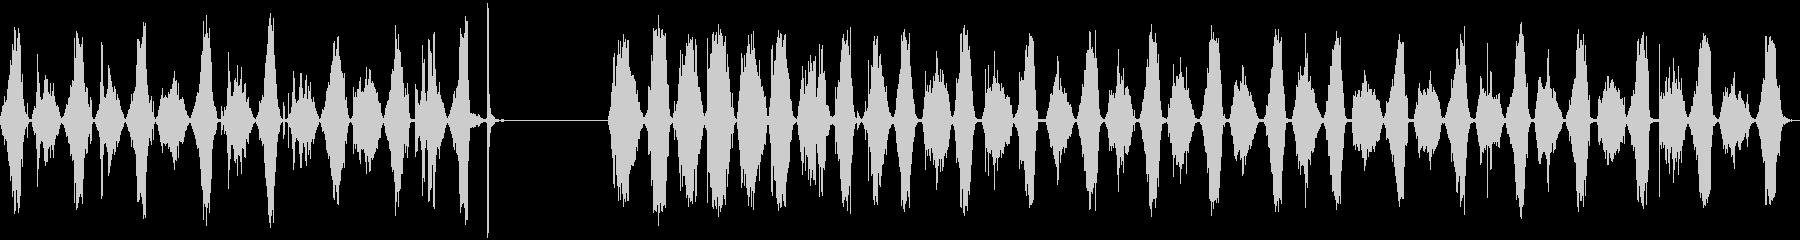 のこぎり、2つのバージョン、のこぎ...の未再生の波形